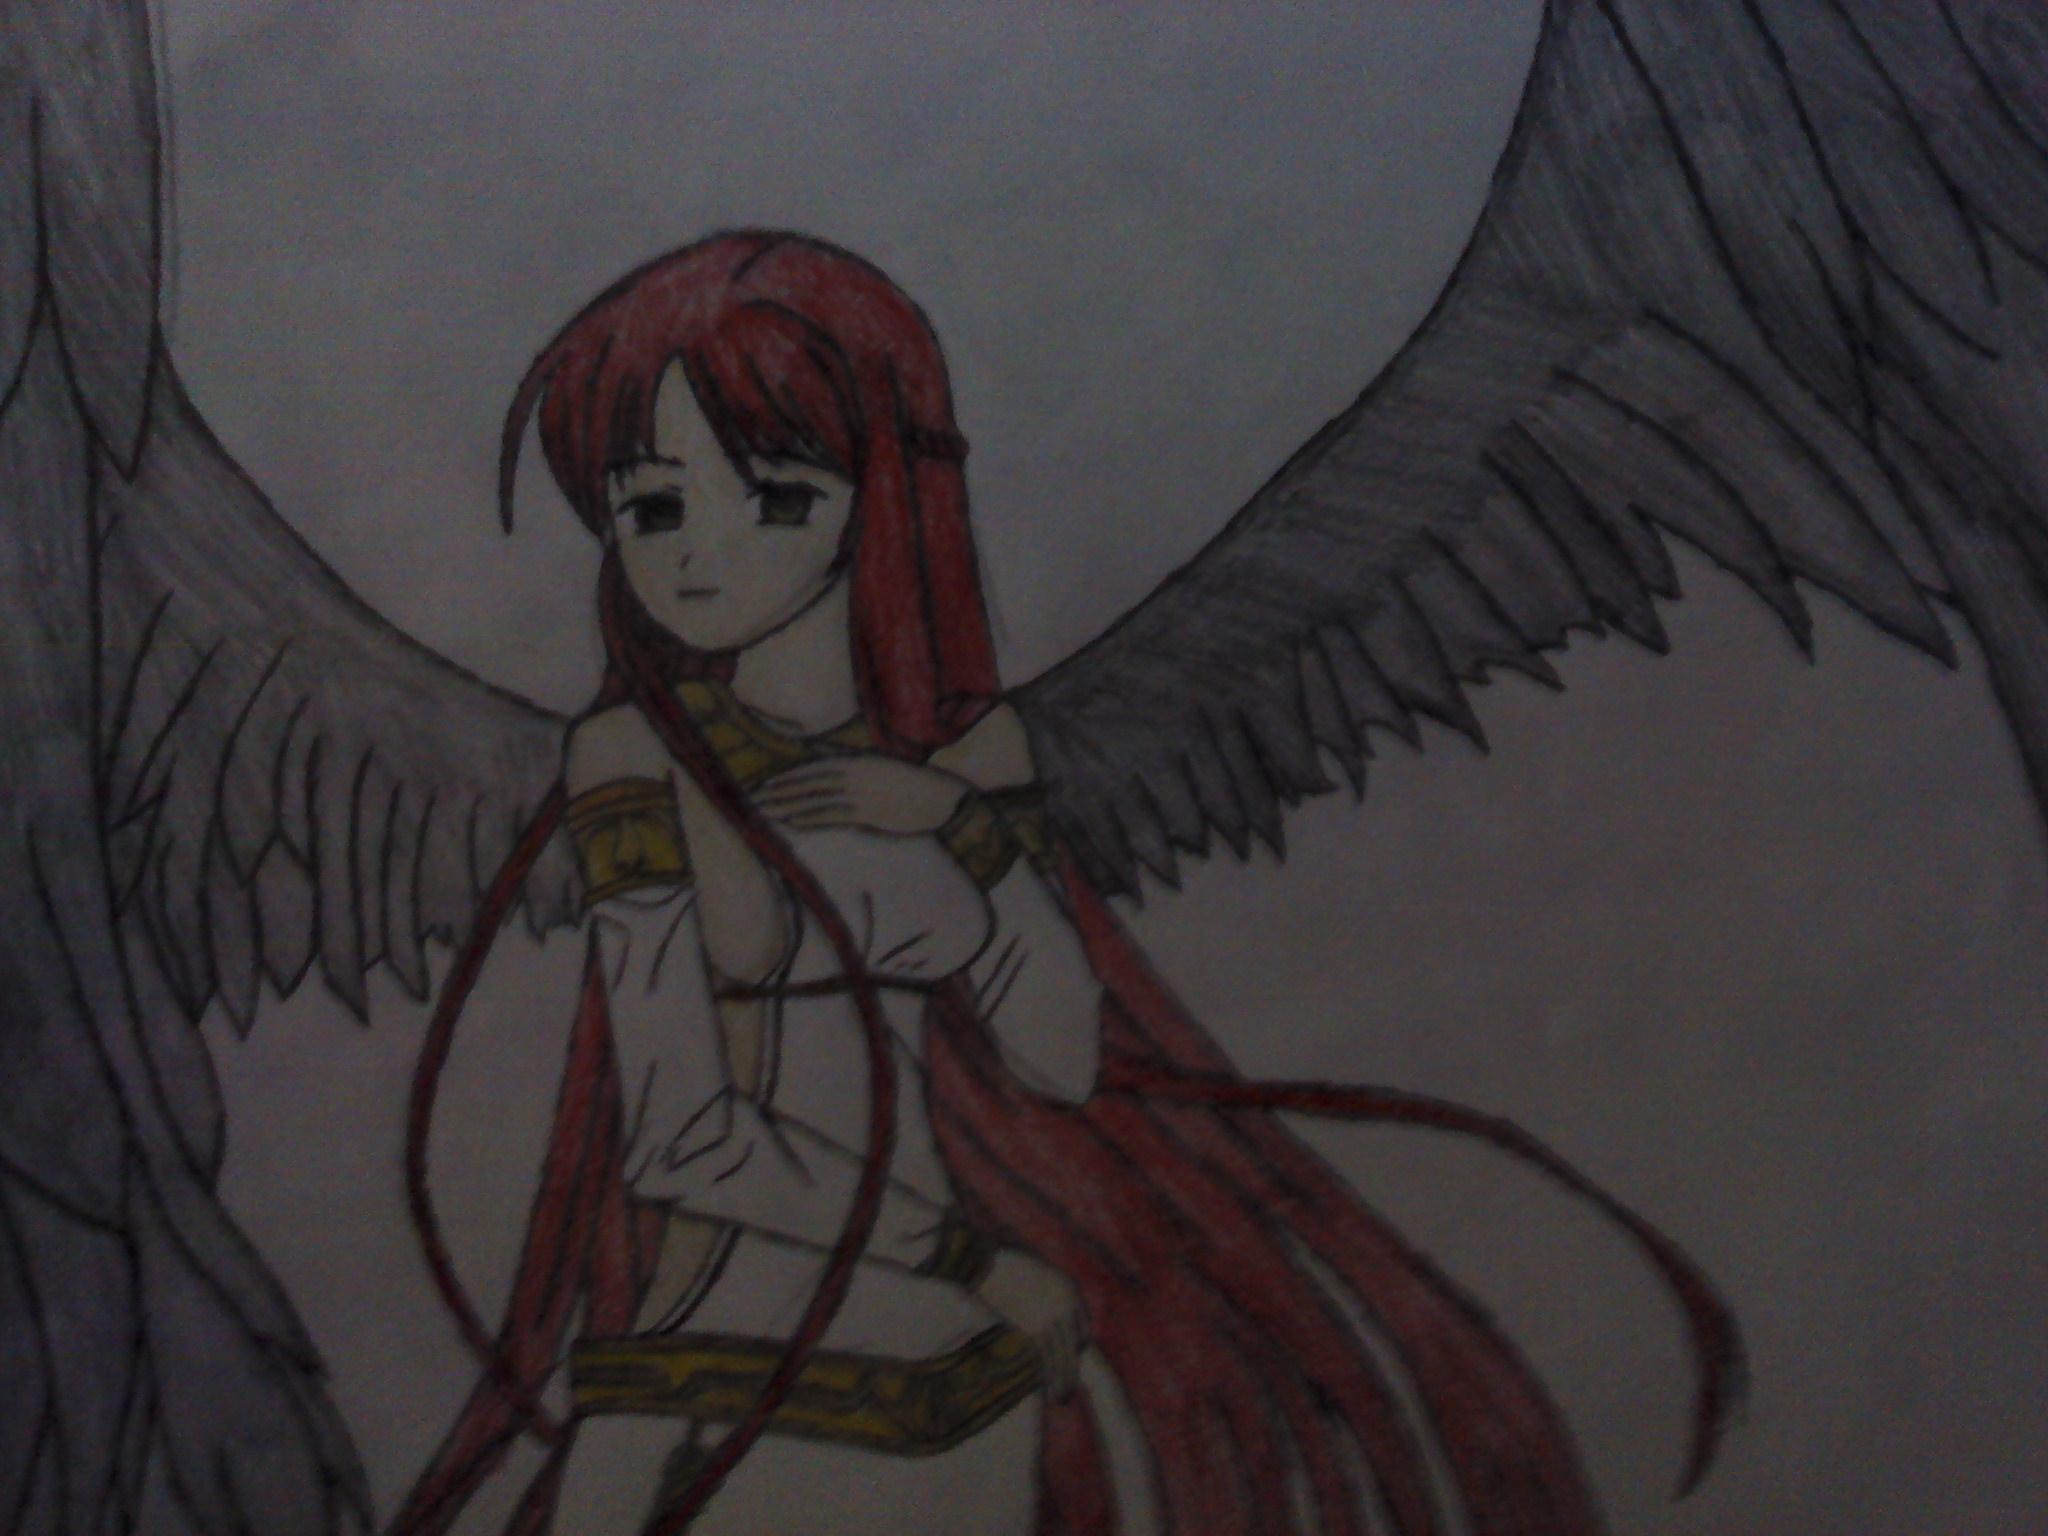 dark angel girl